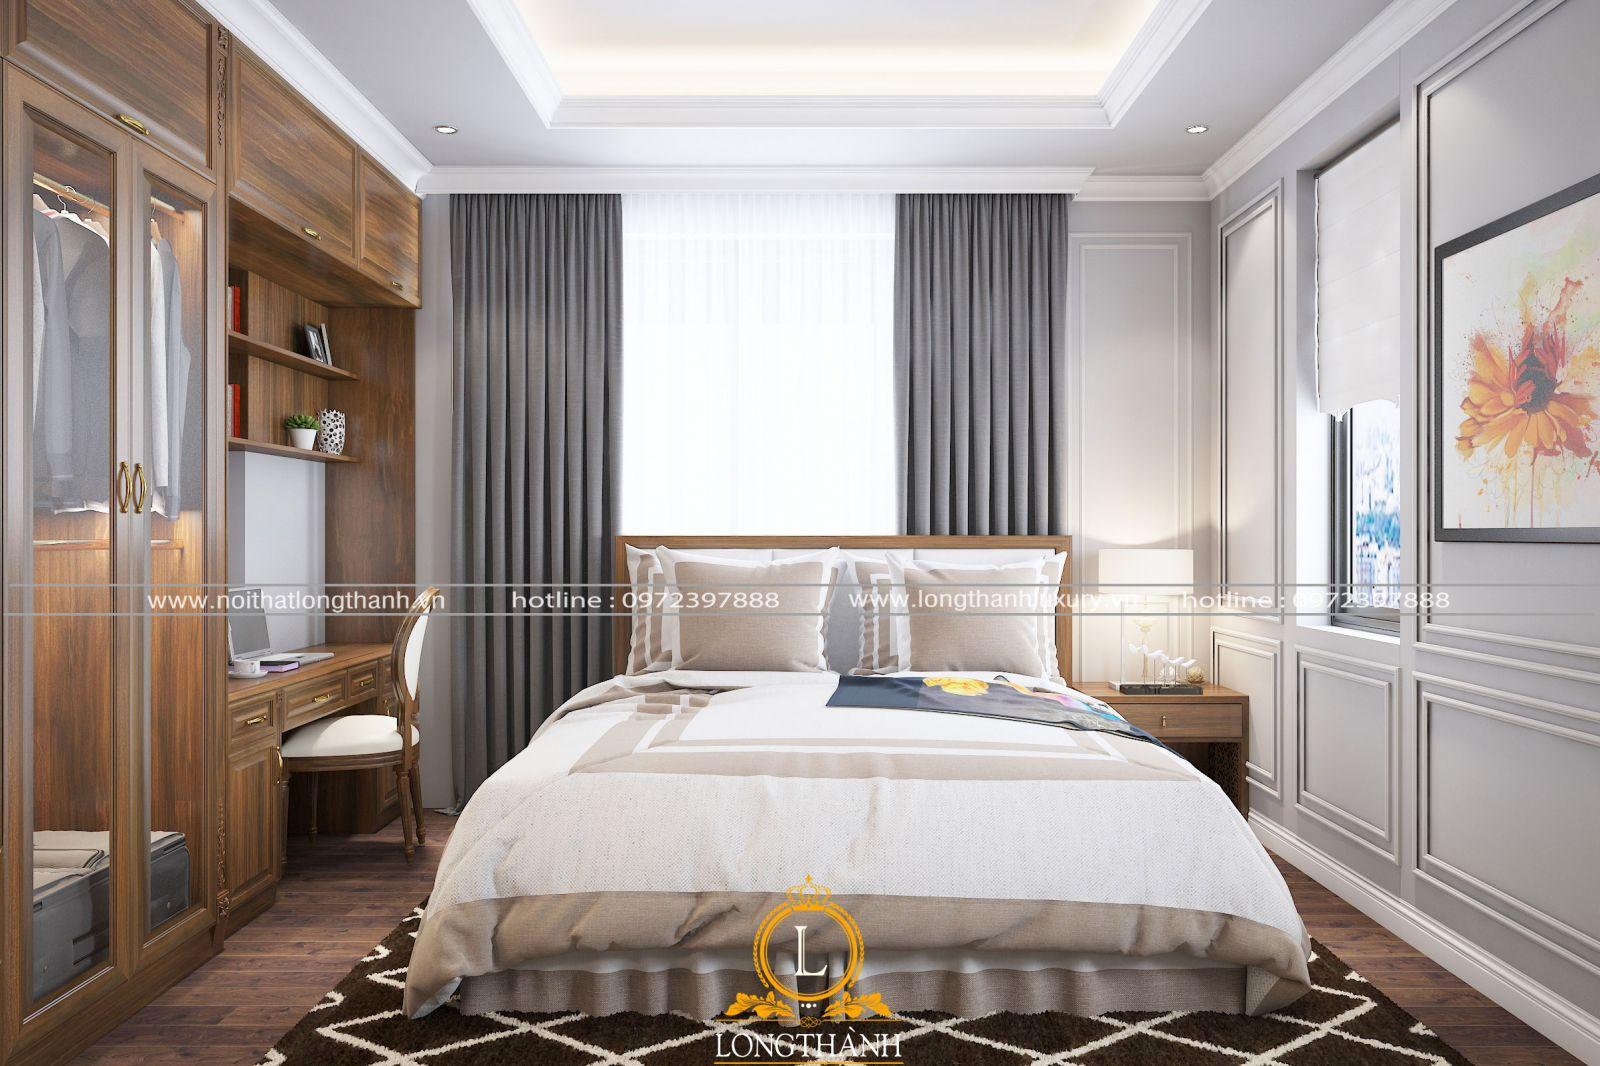 Phòng ngủ nhà biệt thự mini thiết kế theo kiểu hiện đại